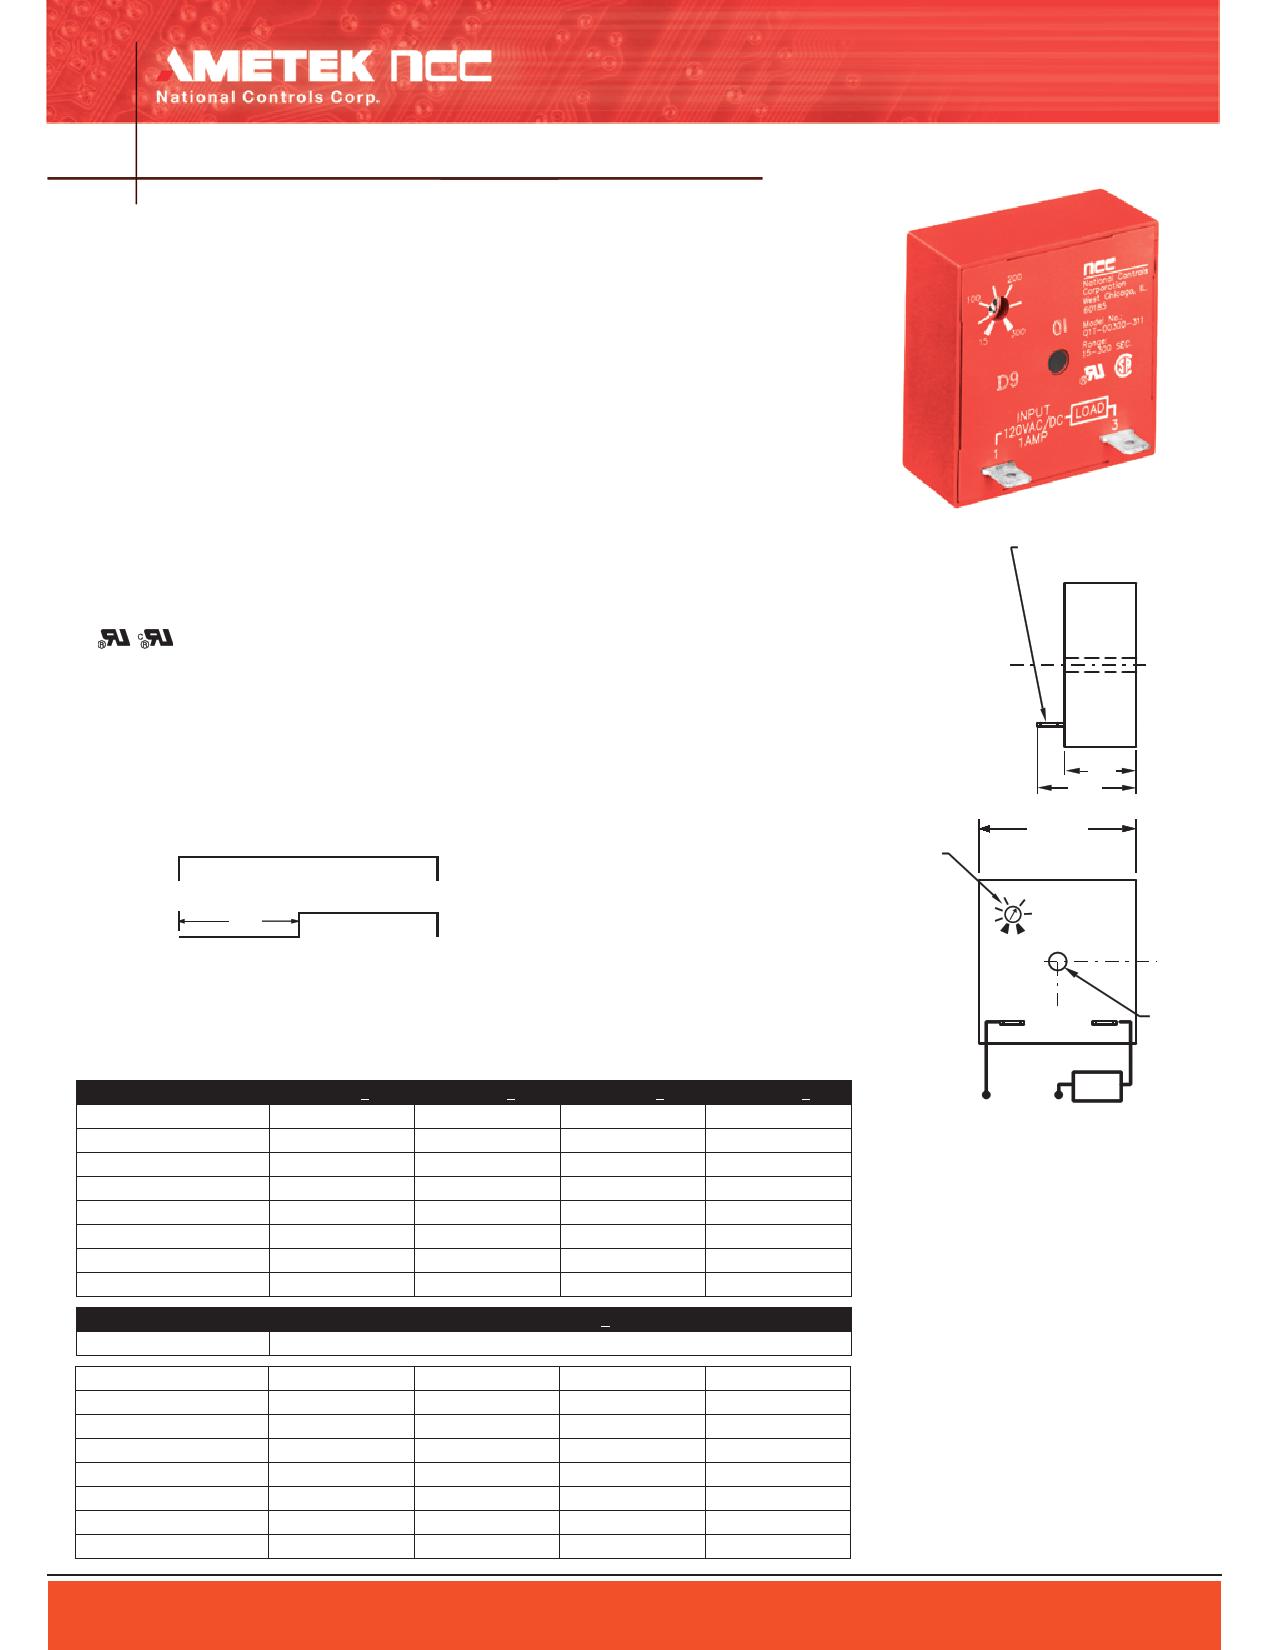 Q1T-00600-316 datasheet